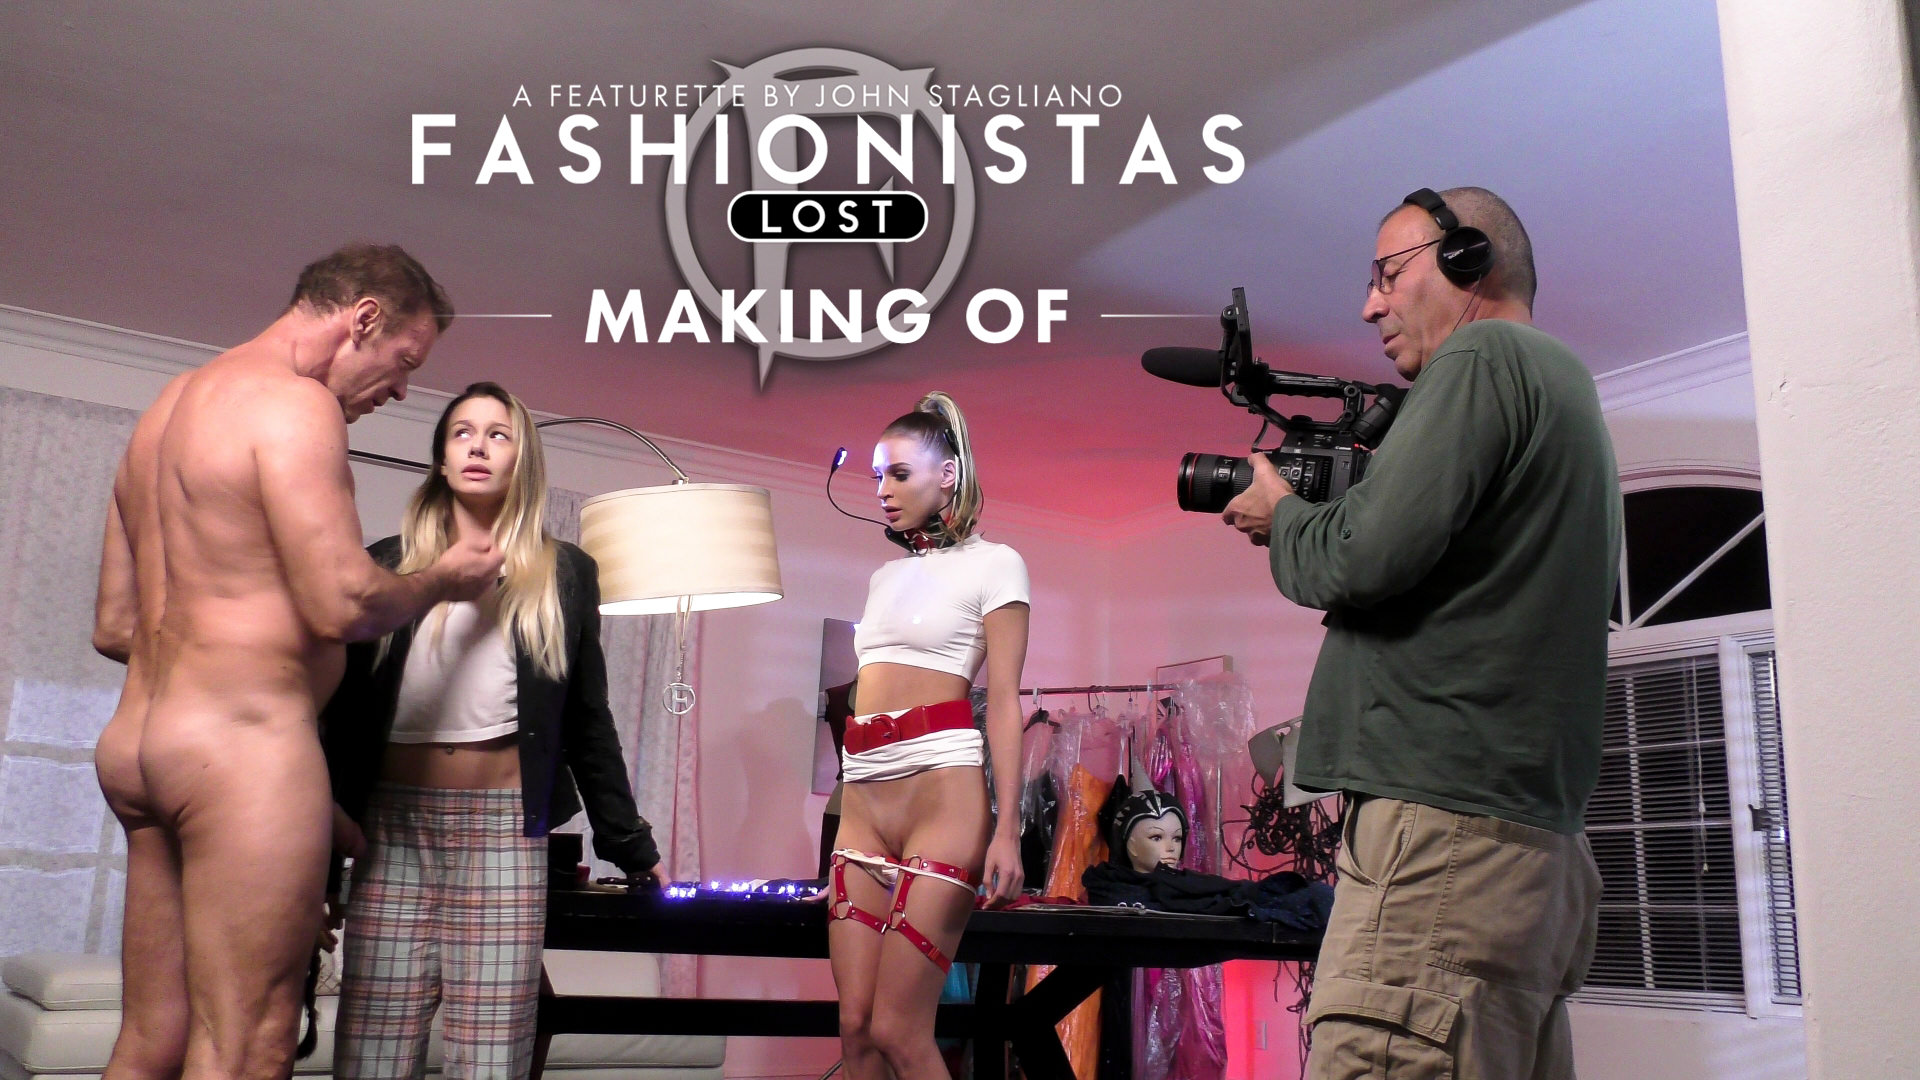 BTS-Fashionista - Lost - Rocco Siffredi & Aiden Starr & John Stagliano & Emma Hix & Naomi Swann & Adira Allure 1